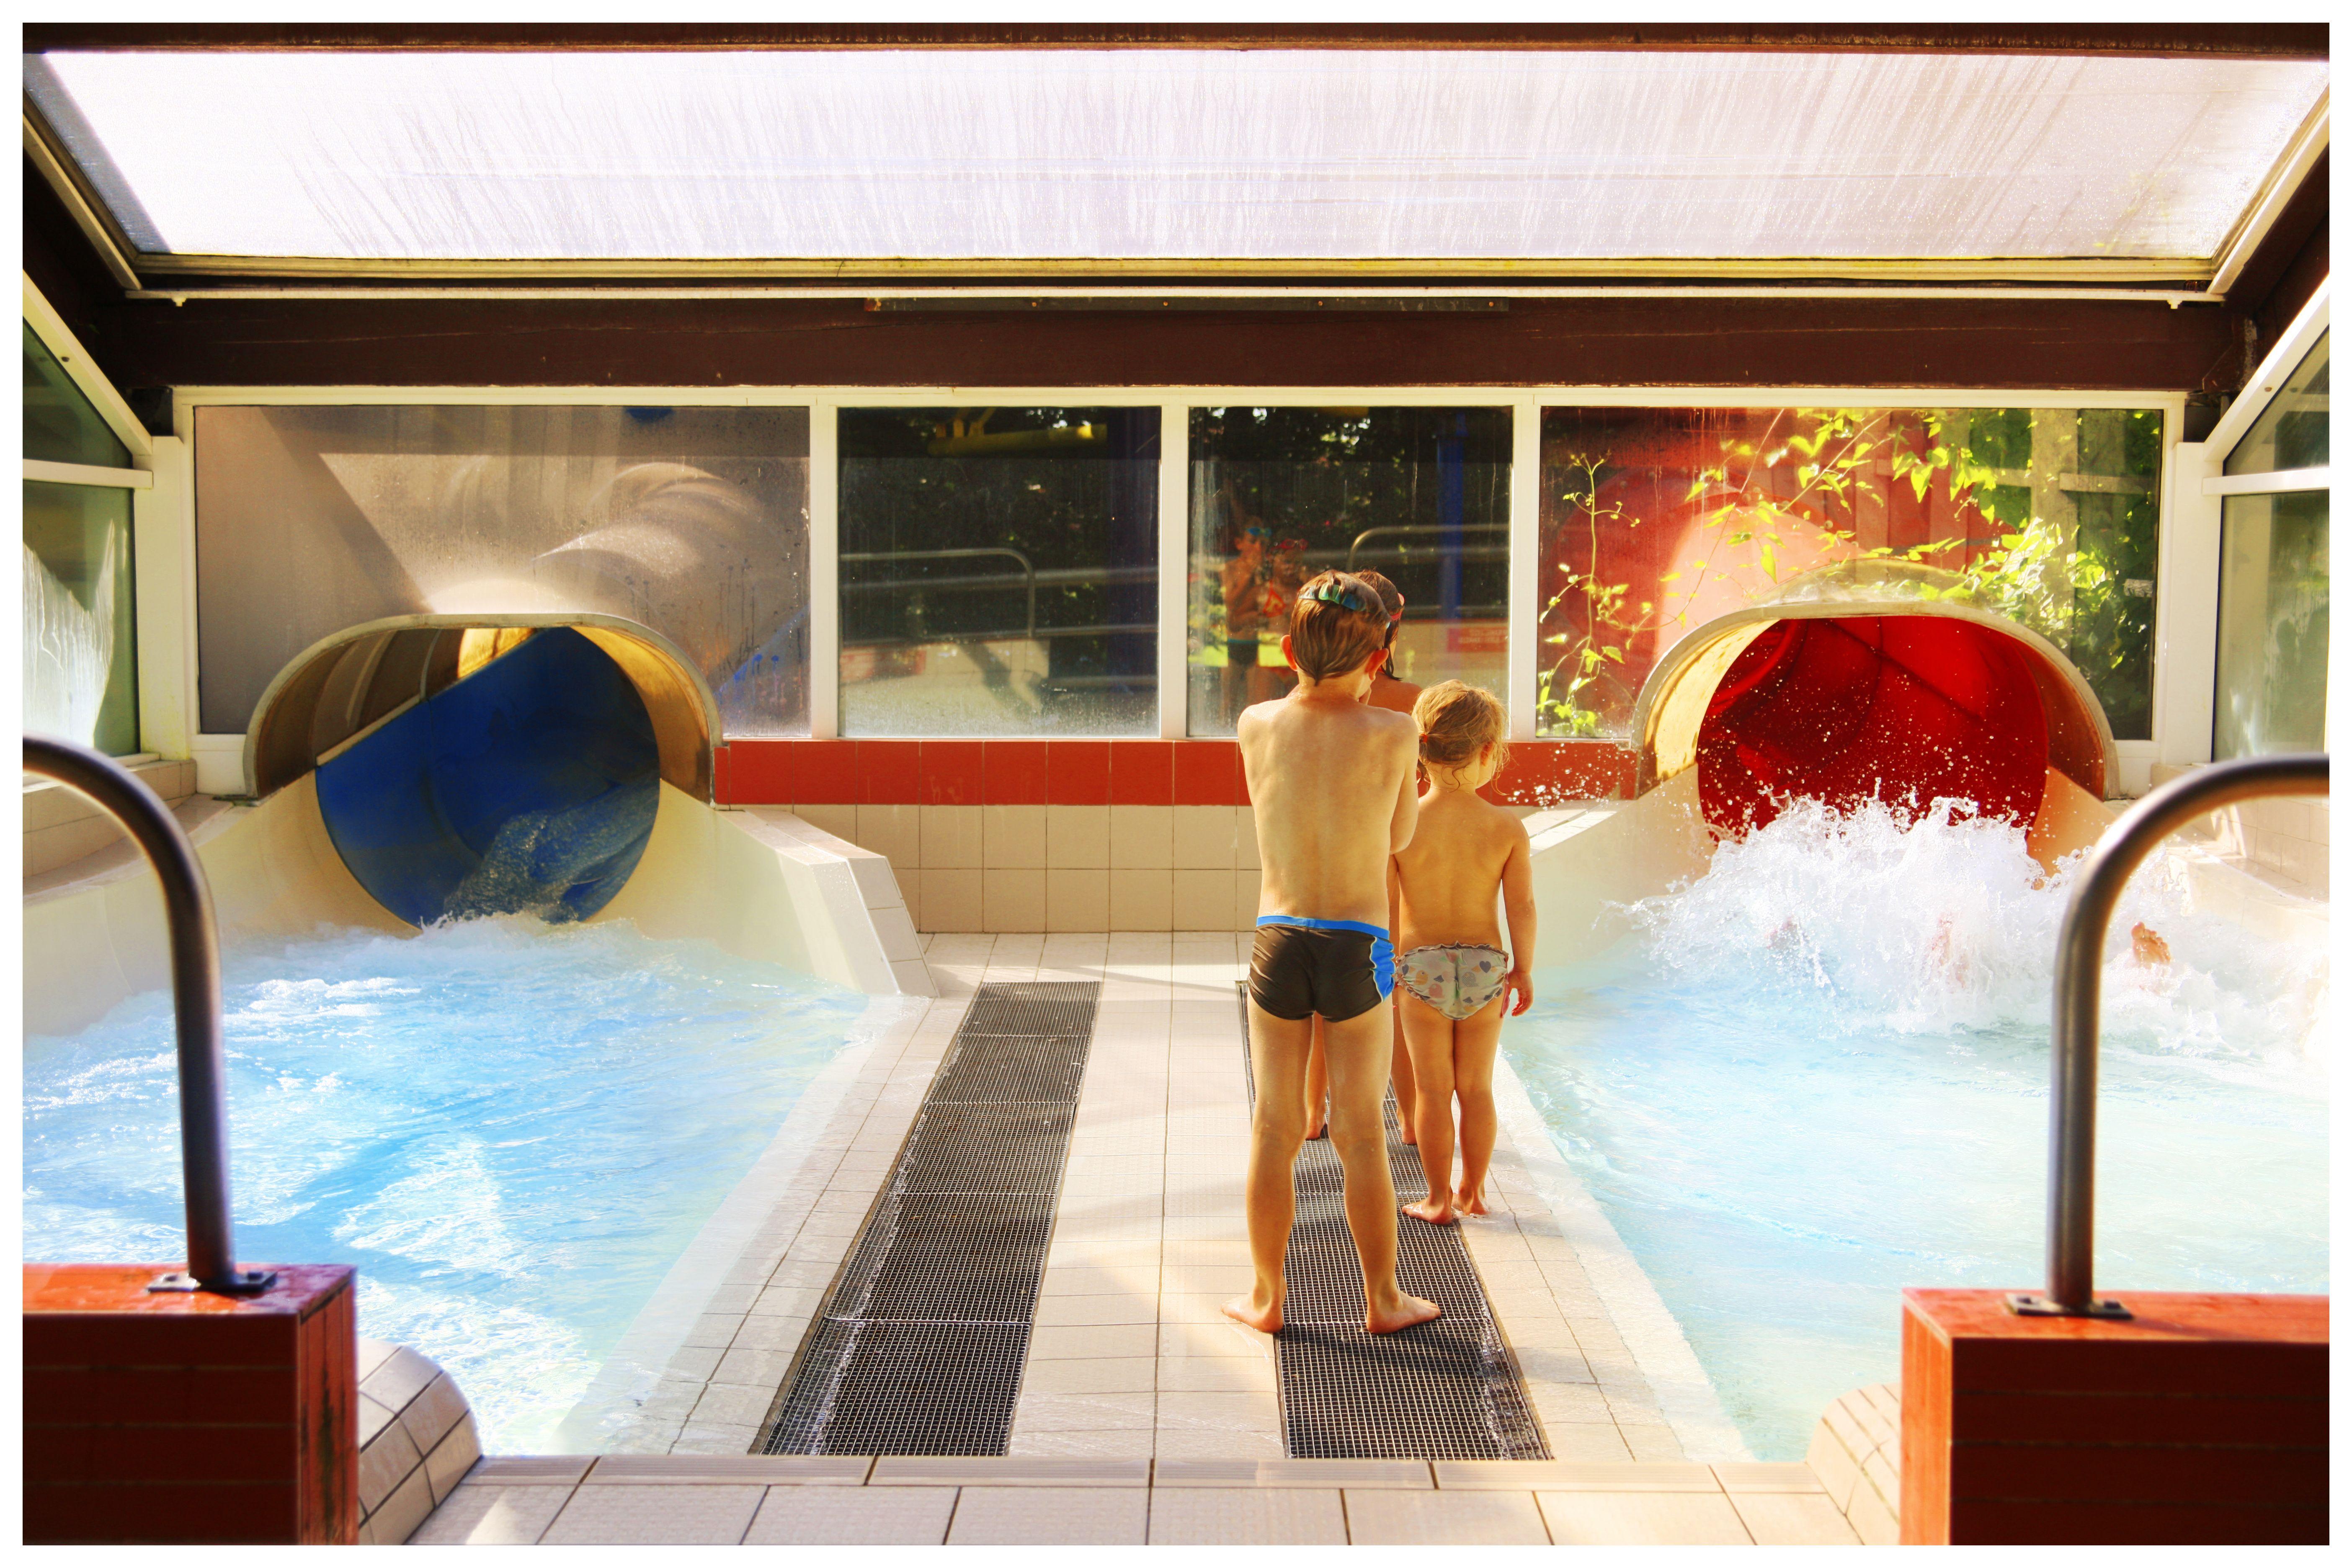 La piscine olympique d 39 amn ville les thermes et ses for Piscine amneville